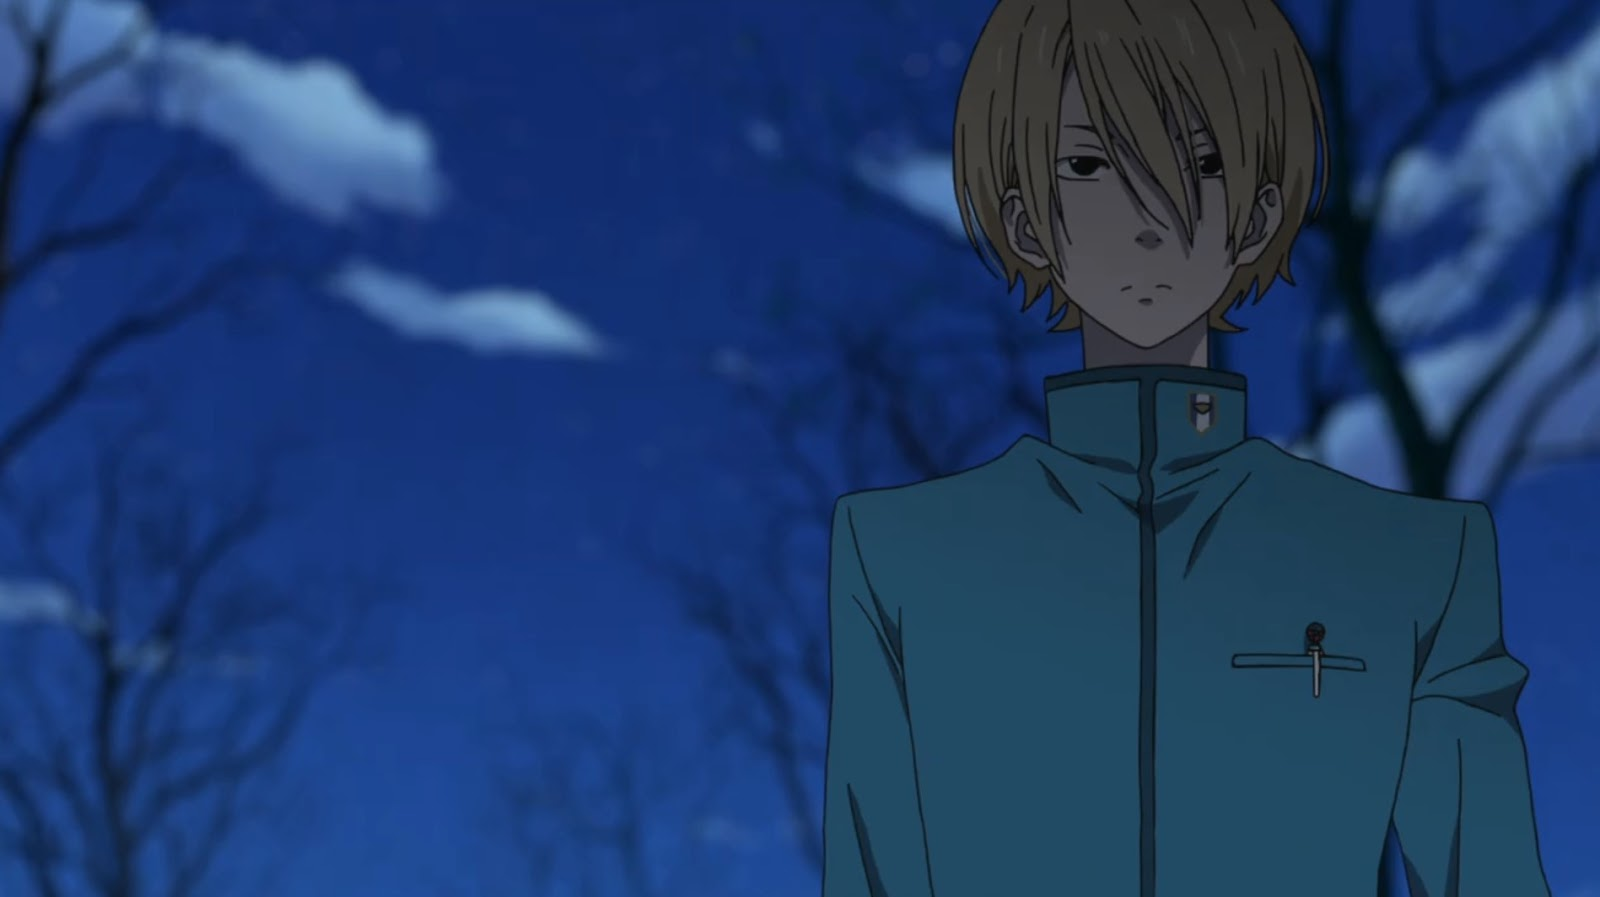 Tonari no Kaibutsu-kun – Episódio 09